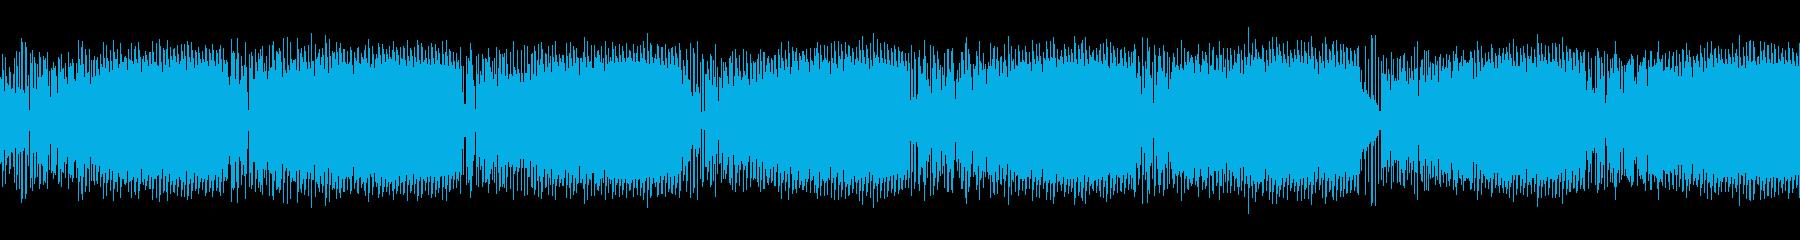 遊技機で使う煽り音の再生済みの波形